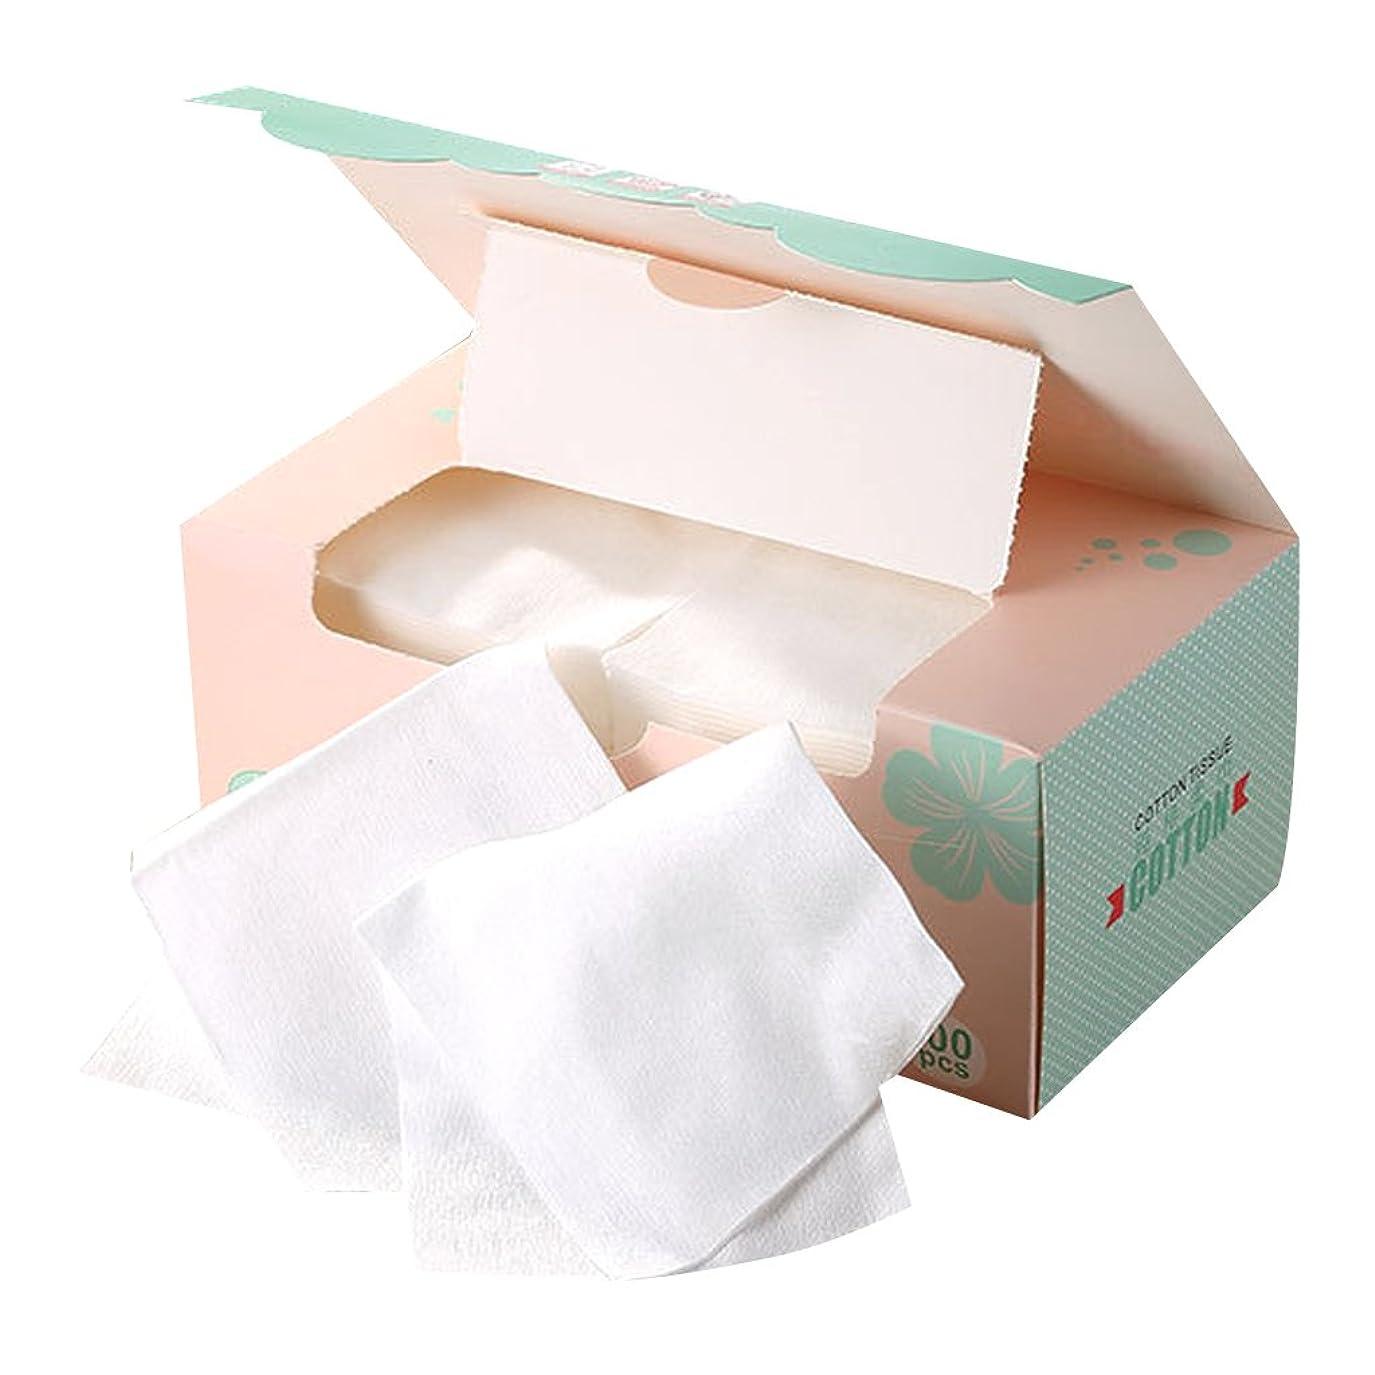 扱う味方貫通するSM SunniMix メイクリムーバー 使い捨て フェイスタオル 顔用タオル メイク落とし 美容院 家庭 個人 適用